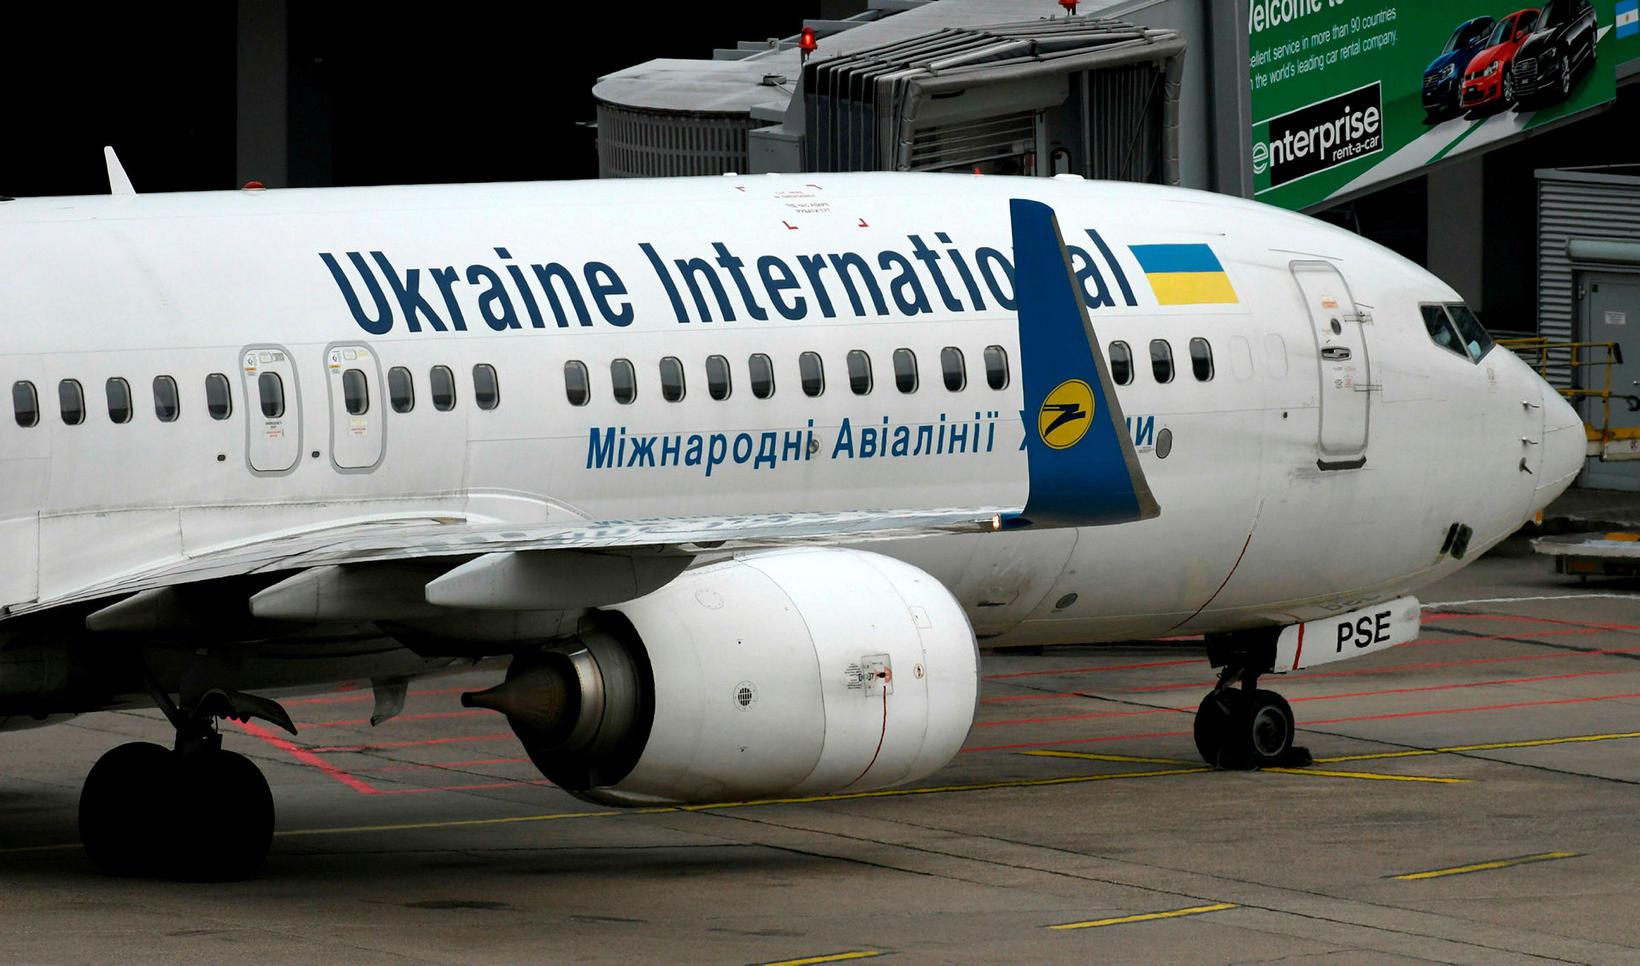 Boeing 737-800 þota í eigu Ukraine International airline.